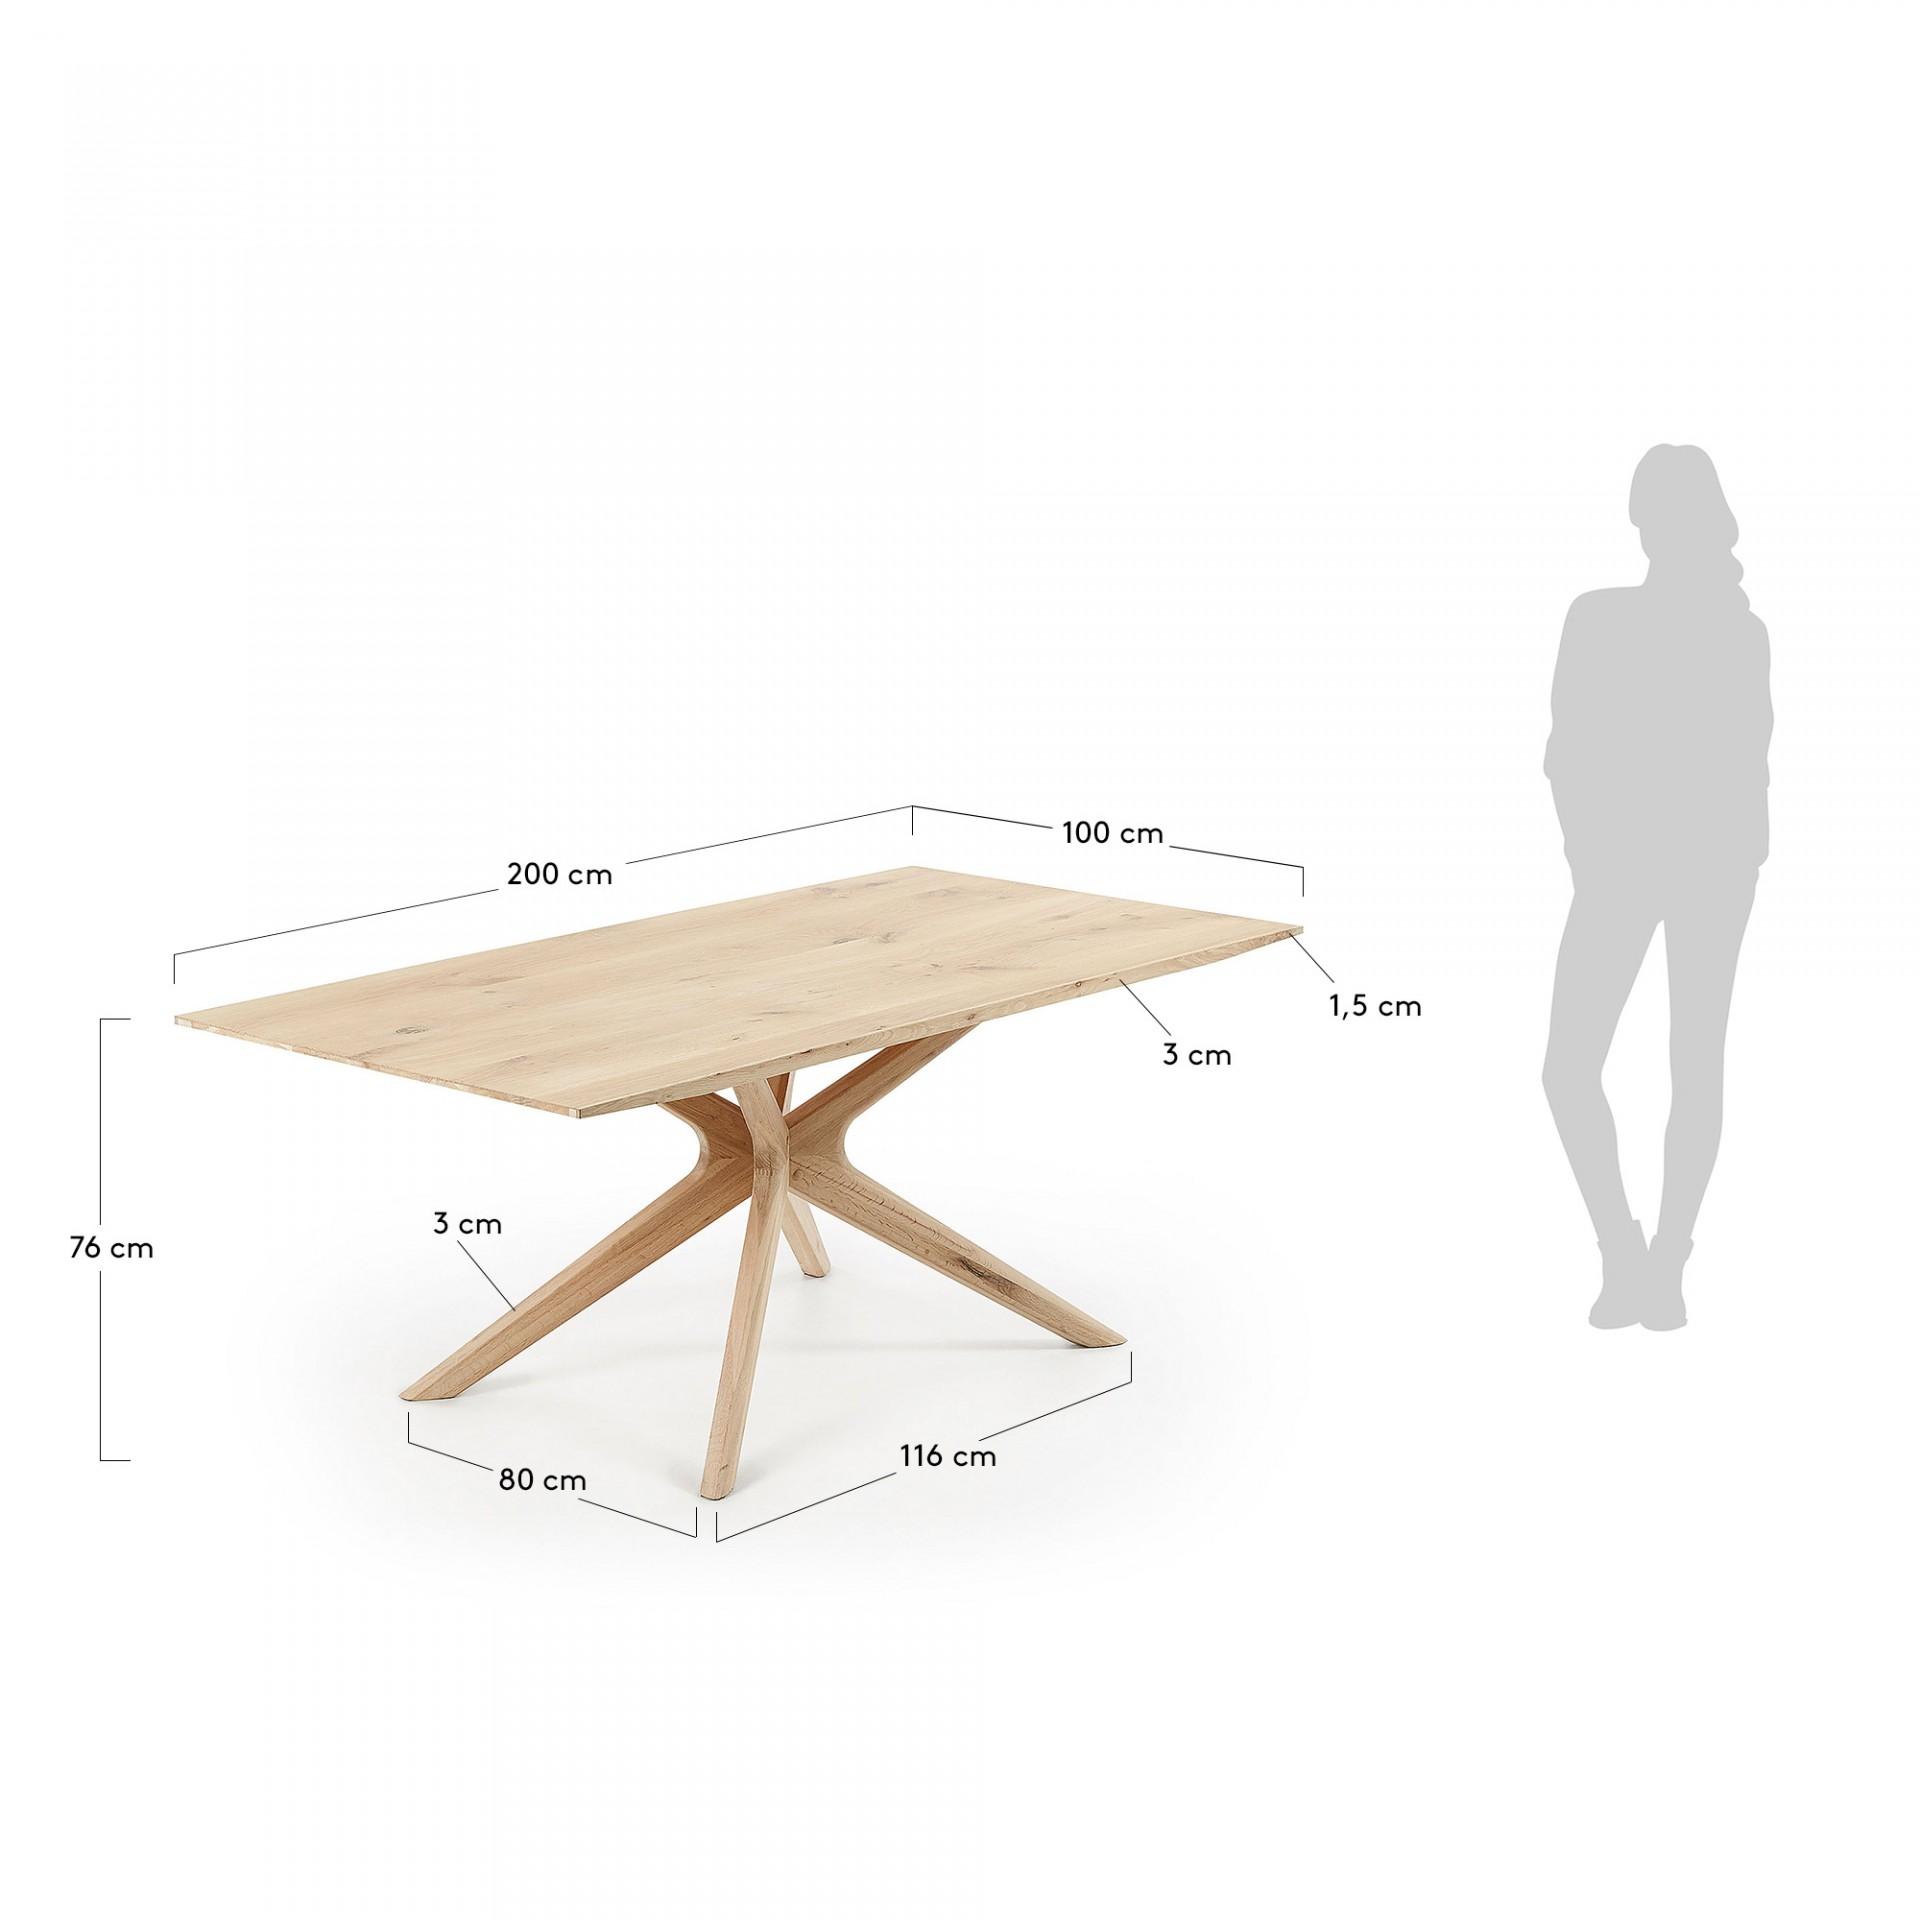 Mesa de jantar Arman, madeira de carvalho